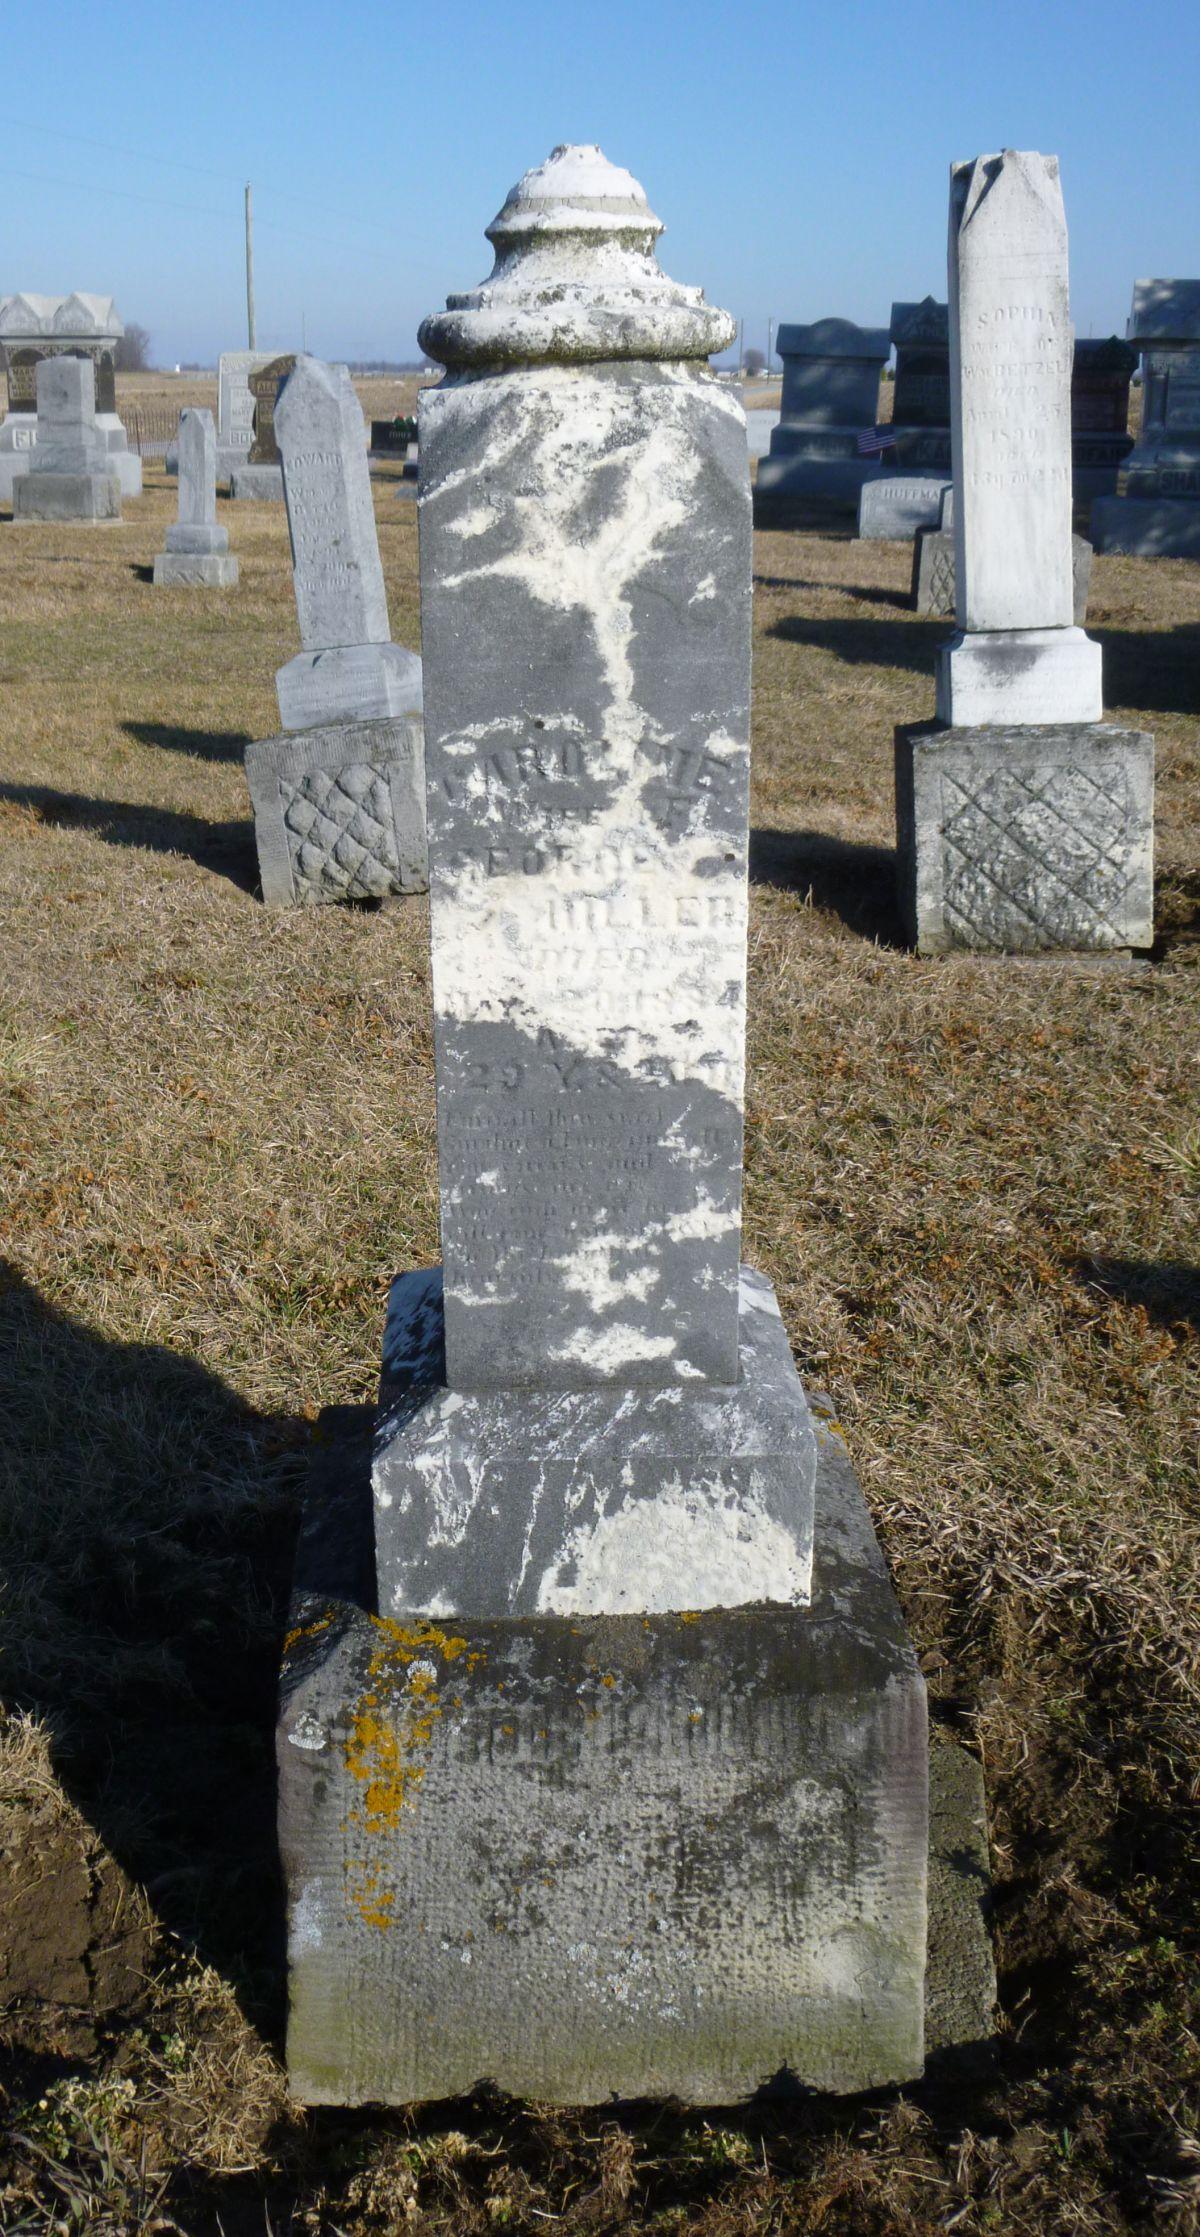 Ohio mercer county rockford - Caroline Hiller Kessler Cemetery Mercer County Ohio 2016 Photo By Karen